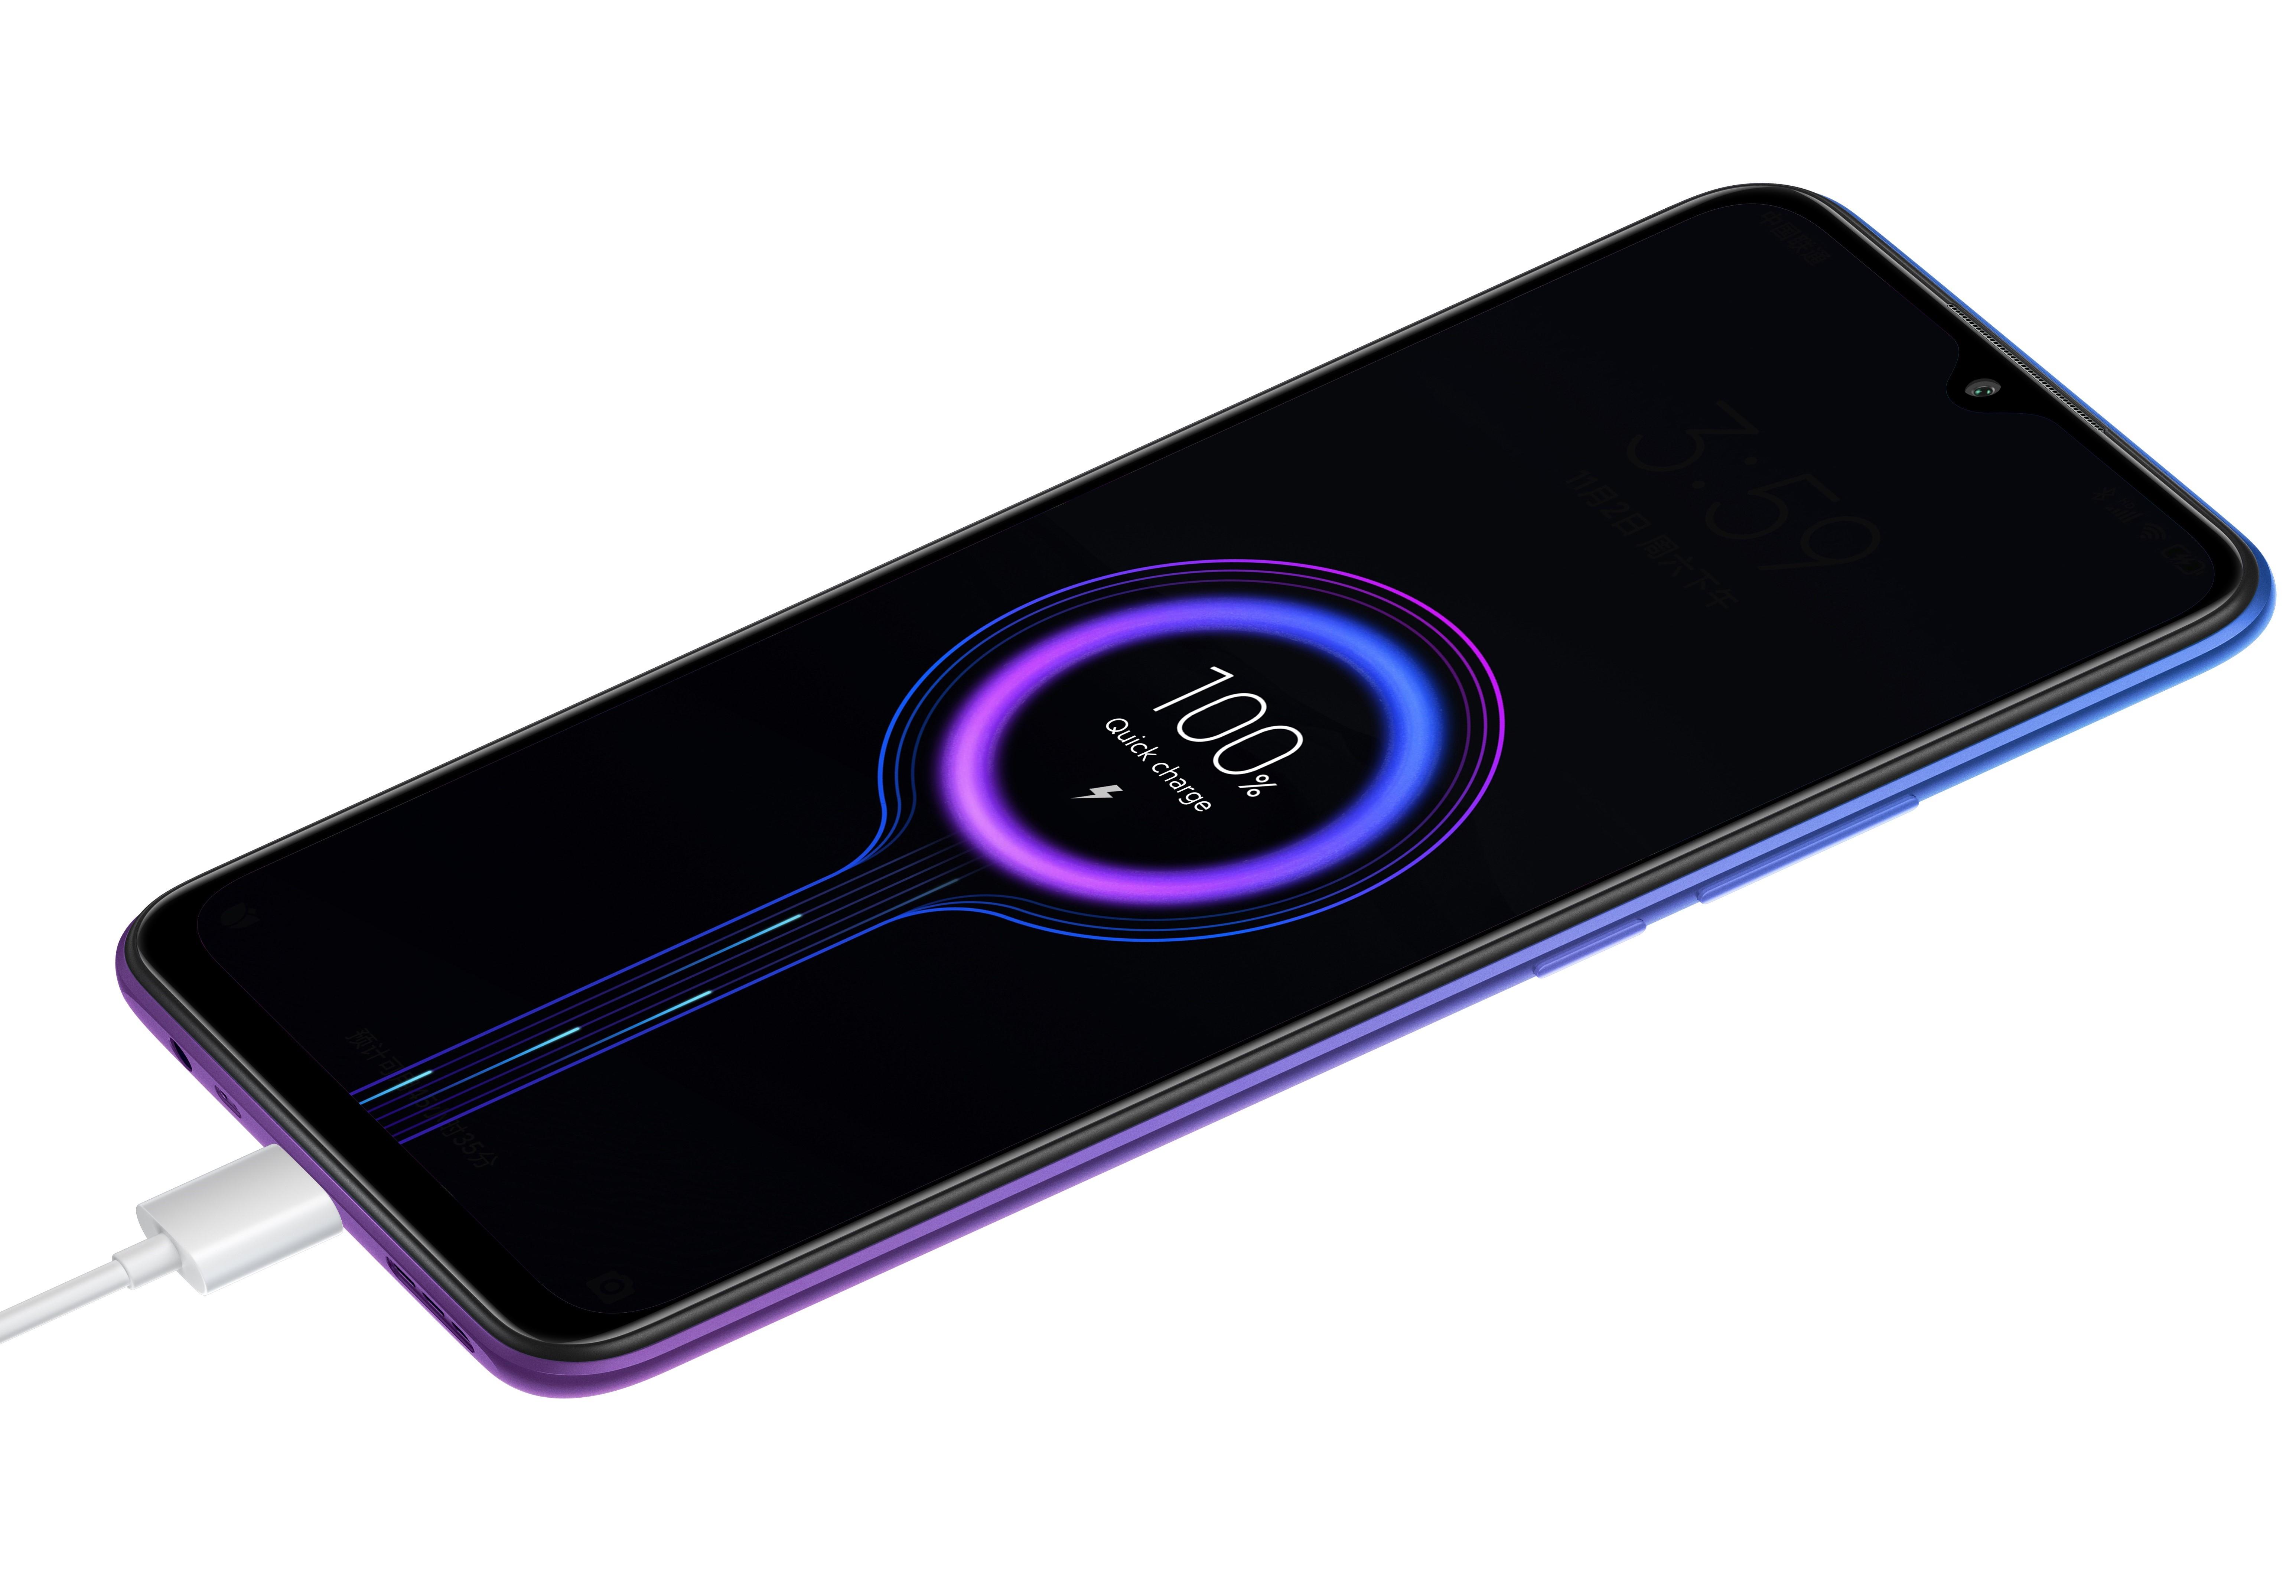 Redmi 9 ra mắt, át chủ bài phân khúc điện thoại phổ thông dưới 4 triệu đồng - Ảnh 4.